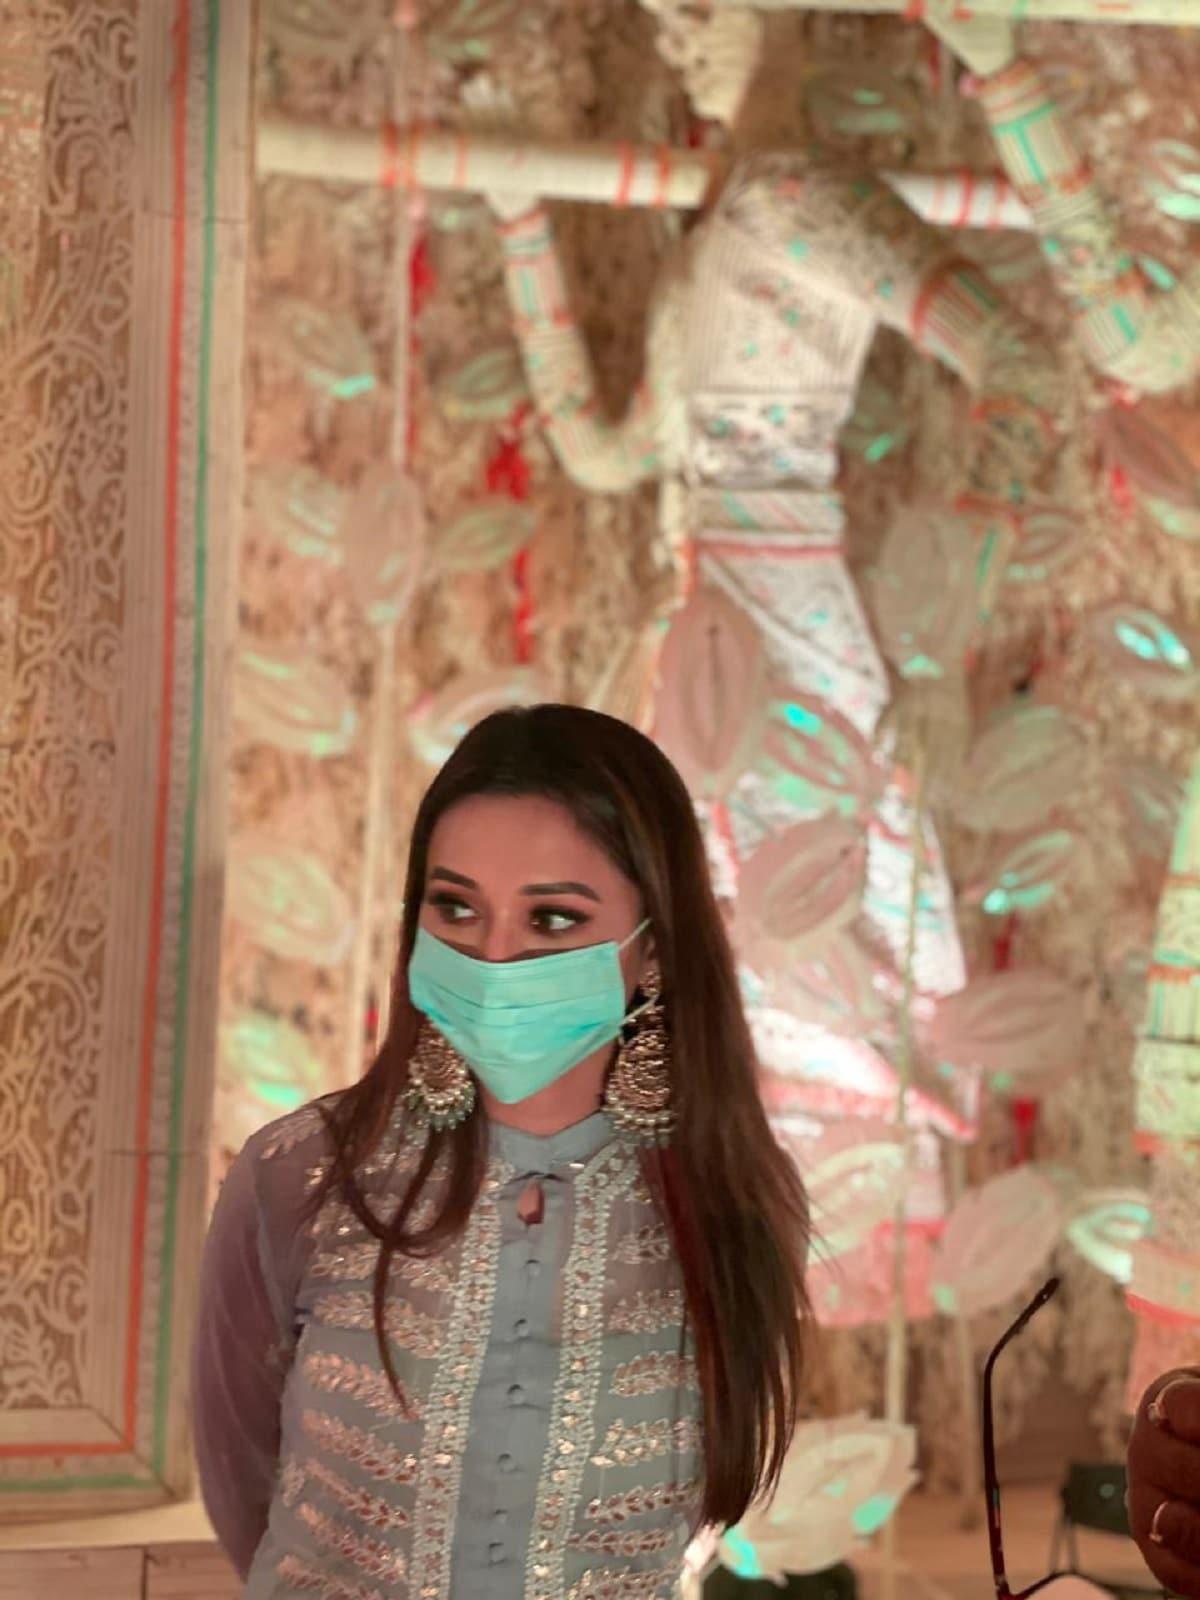 কালী পুজোর ক্ষেত্রেও কড়া প্রশাসন। প্রতিবারের মতো পুজোর আমেজটাই নেই এ বছর। তবুও কি মায়ের আরাধনা হচ্ছে না ! নিশ্চয়ই হচ্ছে। সব কিছু হচ্ছে করোনা সর্তকতা মেনেই।